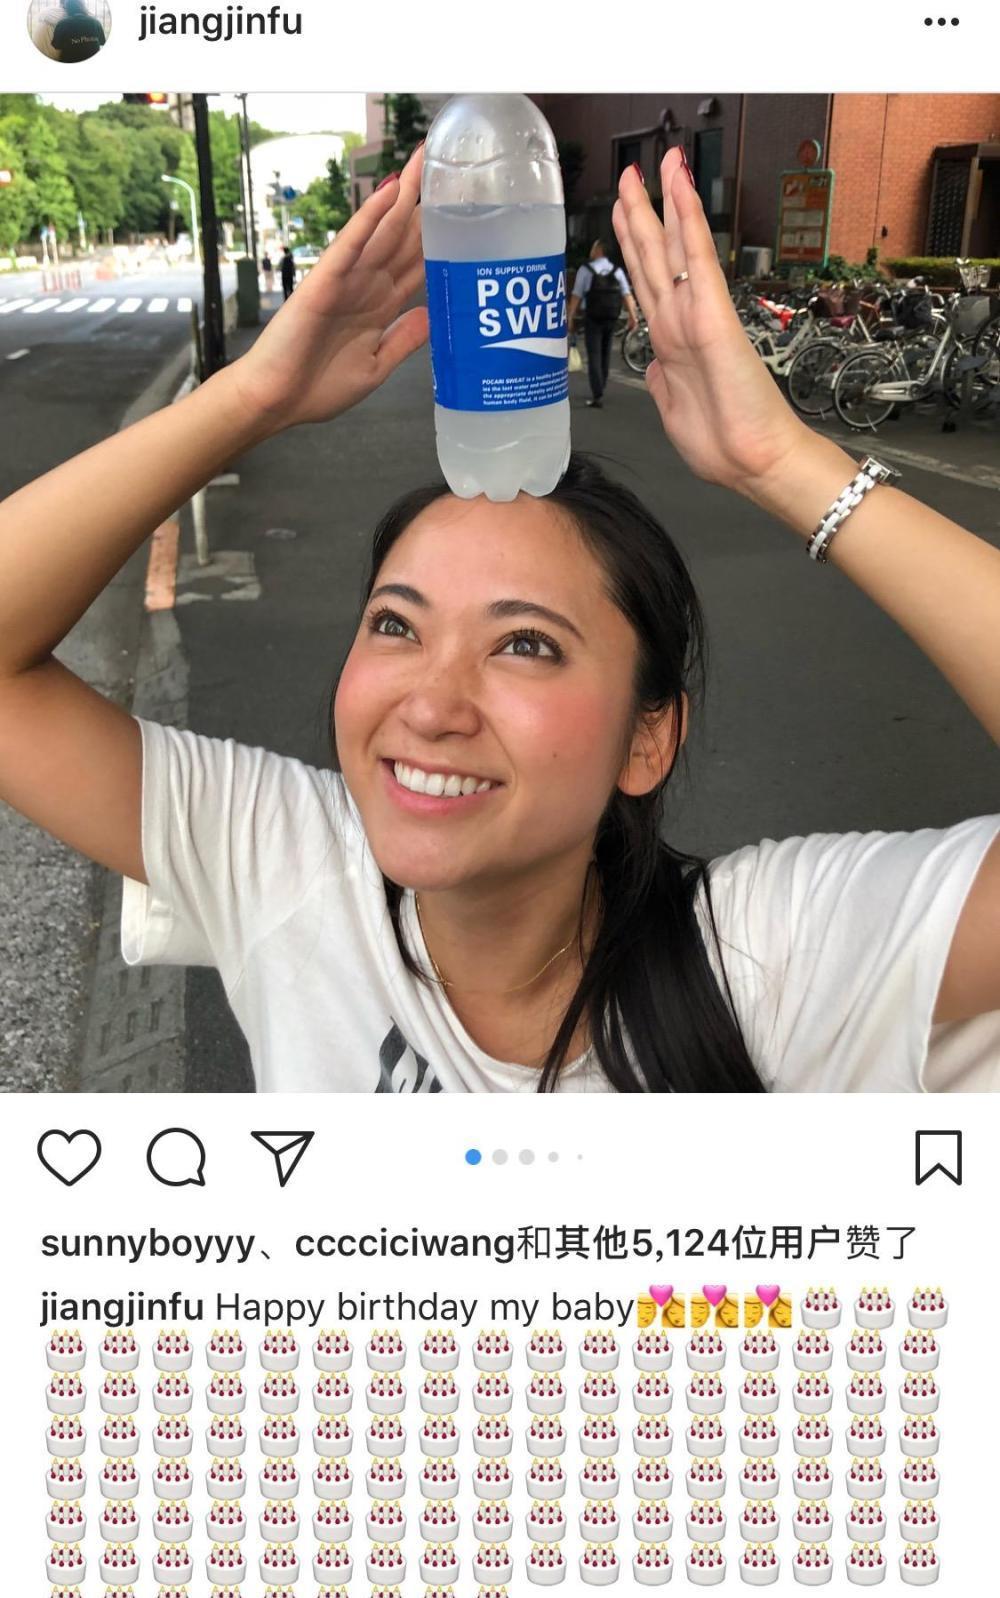 女人左手无名指戴戒指什么意思 - 中国婚博会官网